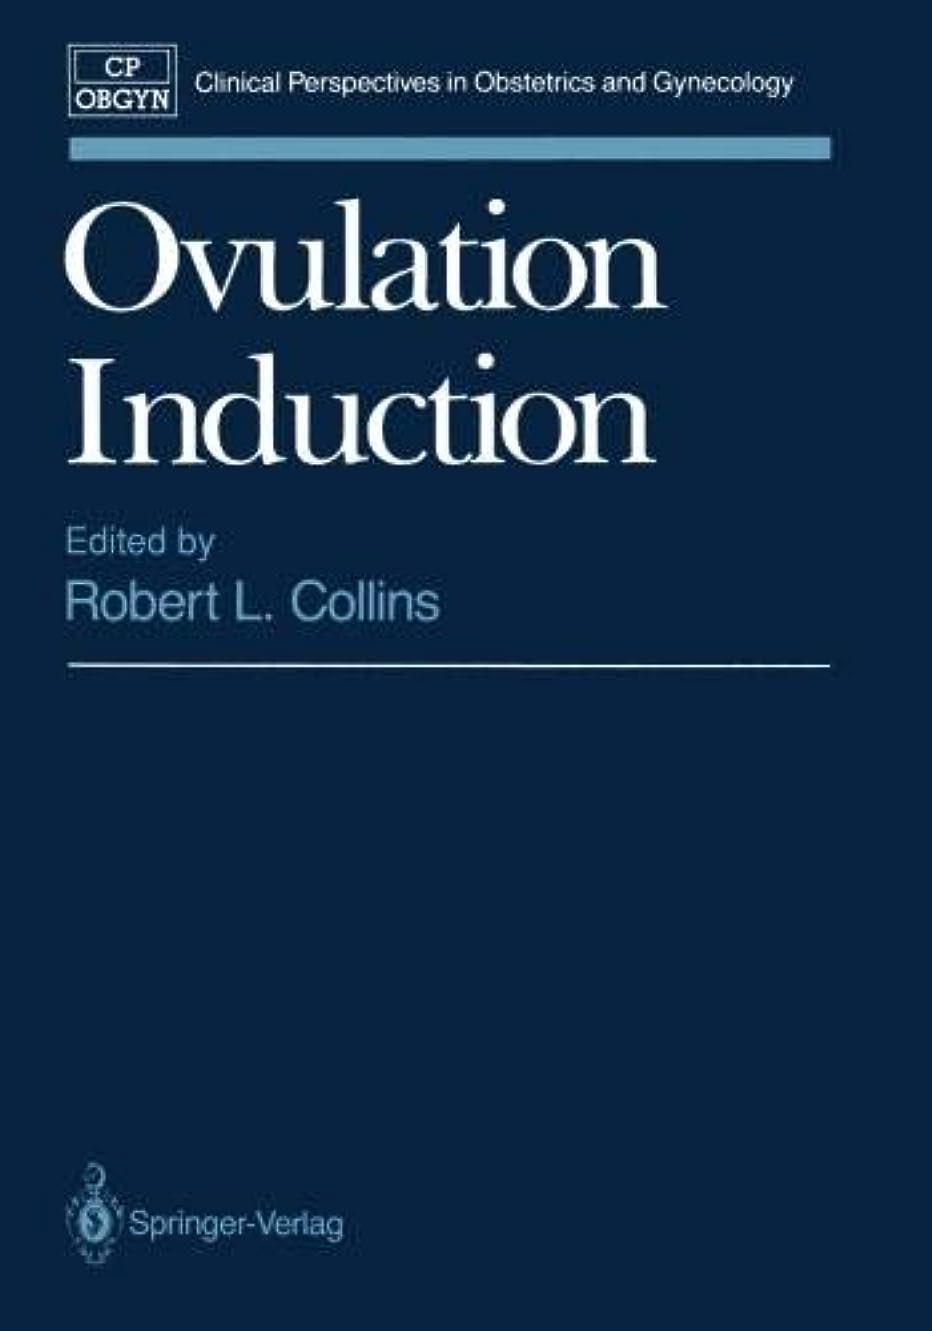 試用人類非常に怒っていますOvulation Induction (Clinical Perspectives in Obstetrics and Gynecology)